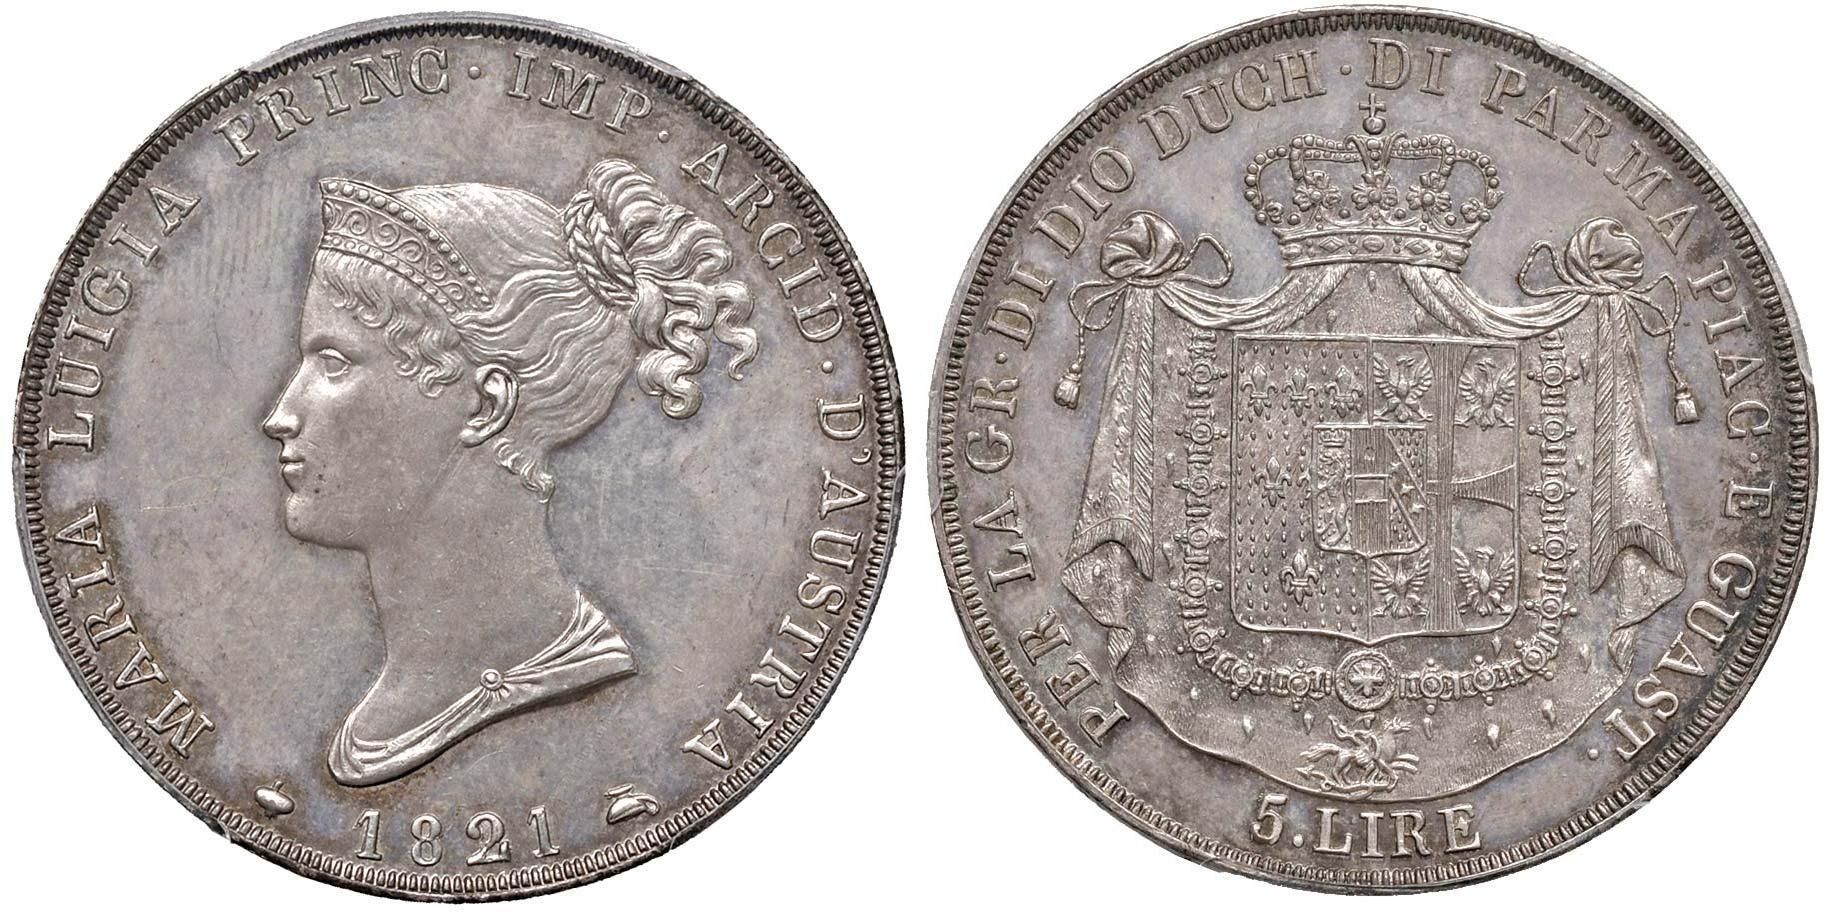 5-liras-de-mara-luisa.-1821.-rematada-en-310.000-euro.-nomisma